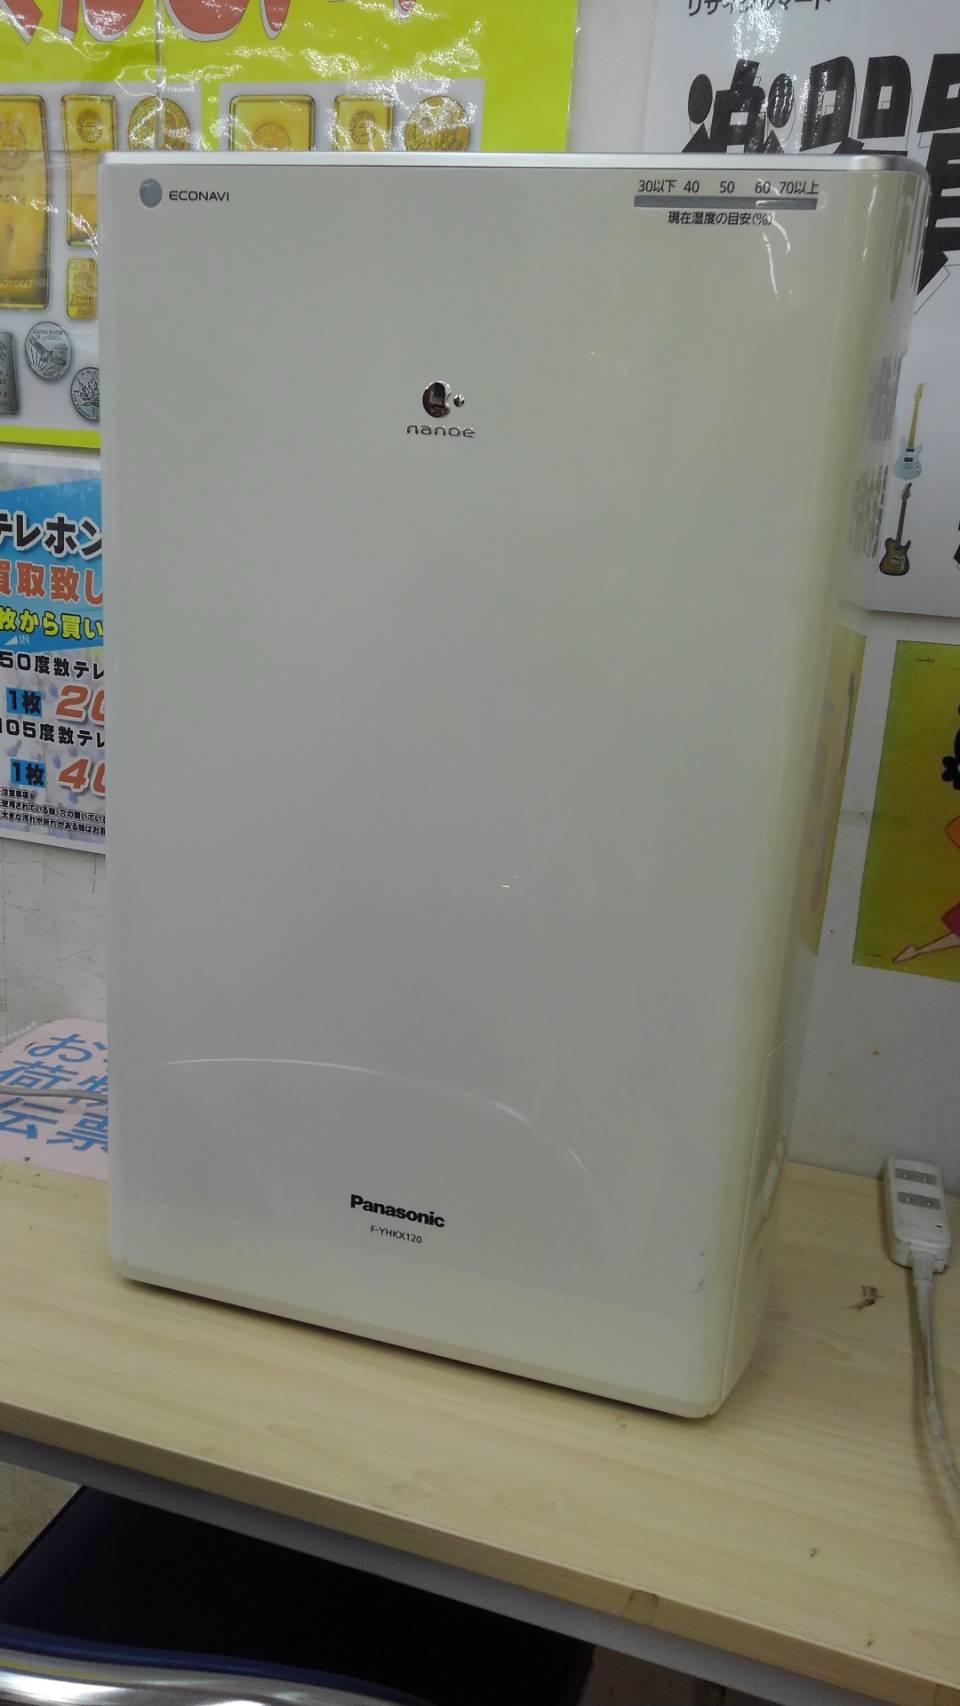 【Panasonic  パナソニック 除湿乾燥機 F-YHKX120 2014 】買い取り致しました!の買取-